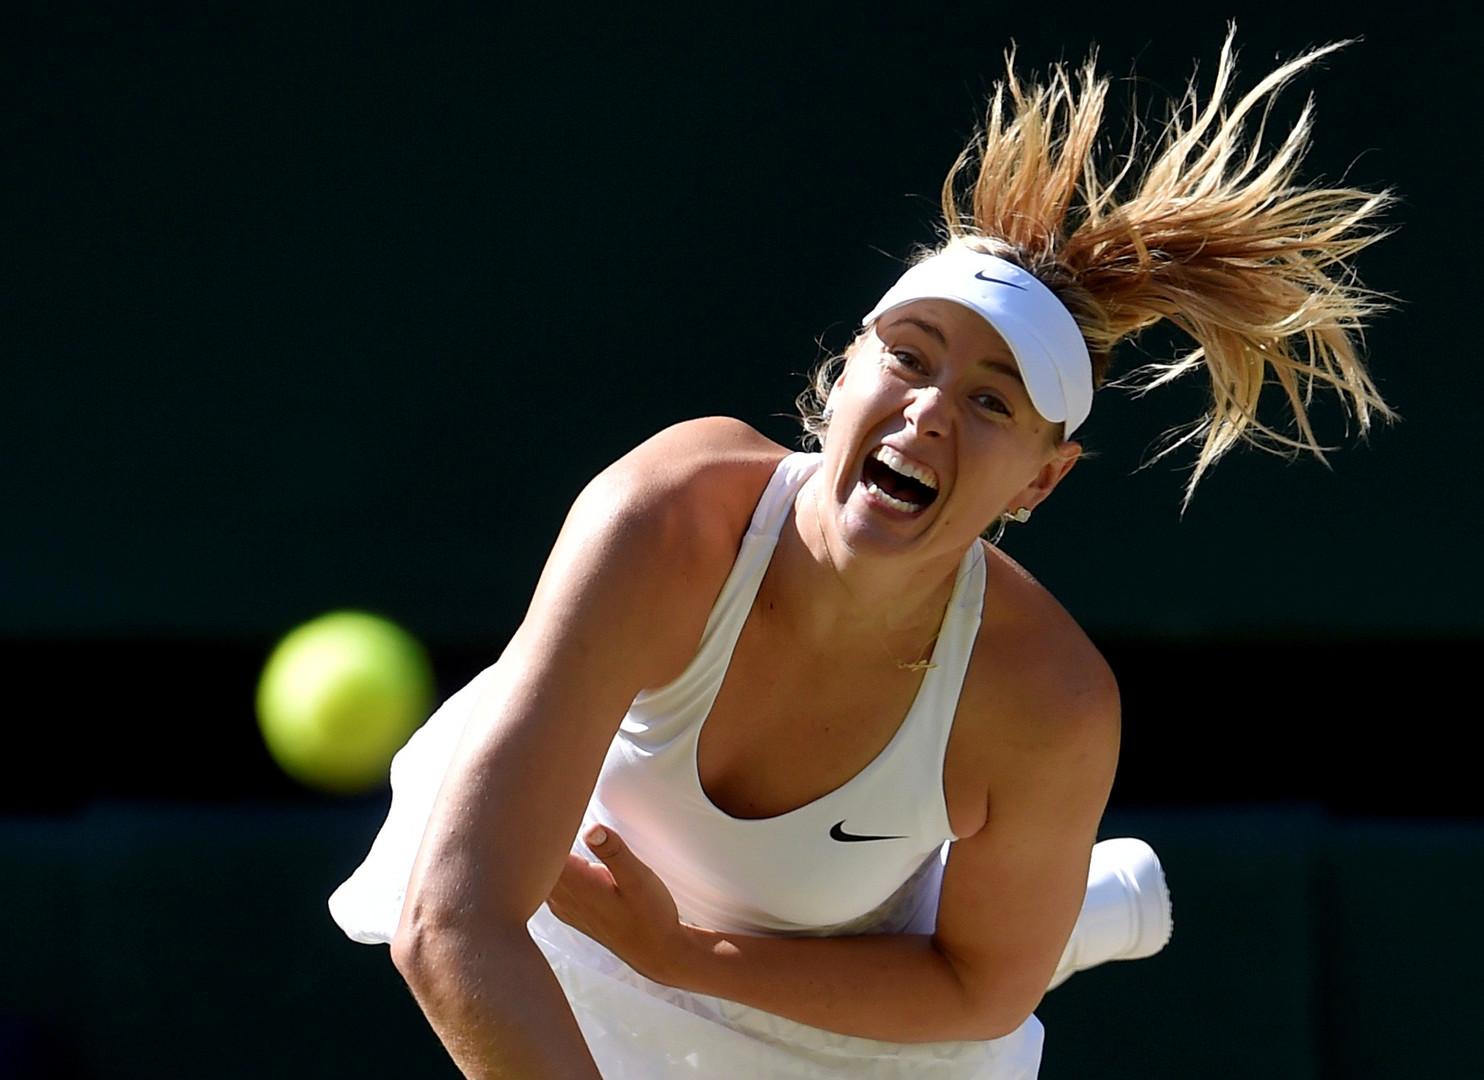 Вне зачёта: Марию Шарапову исключили из чемпионской гонки WTA